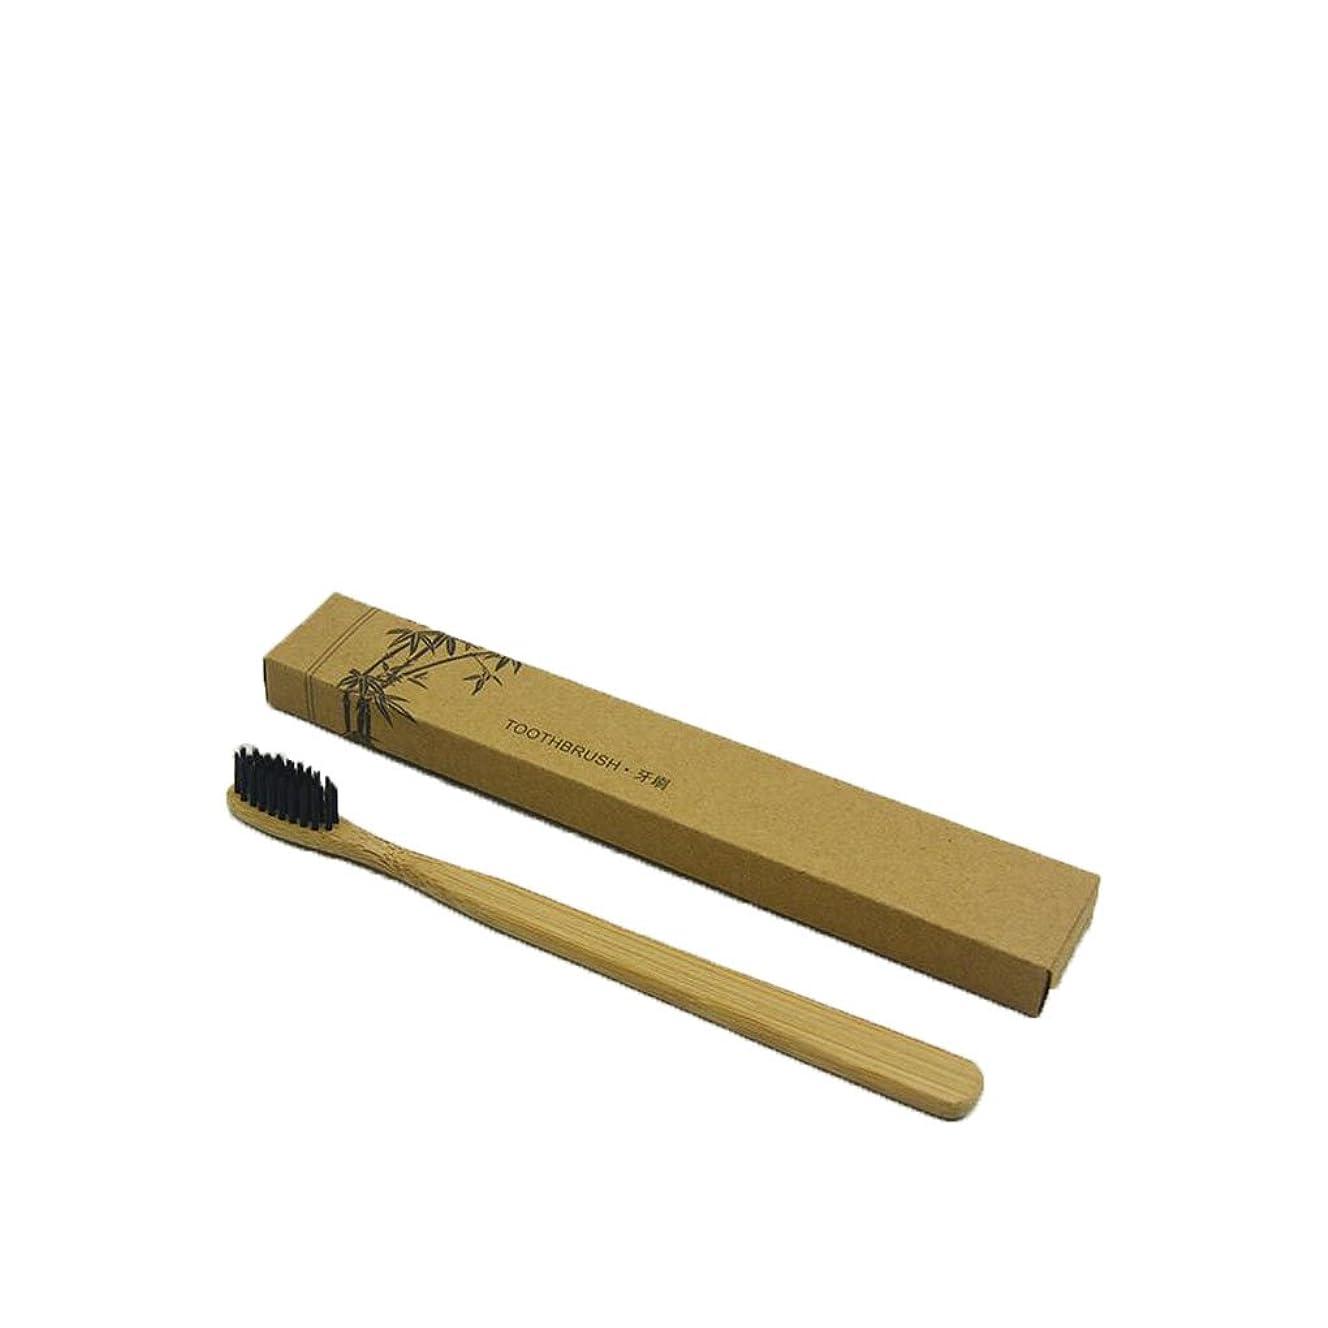 ローラーとまり木均等にNerhaily 竹製歯ブラシ ミディアム及びソフト、生分解性、ビーガン、バイオ、エコ、持続可能な木製ハンドル、ホワイトニング 歯 竹歯ブラシ